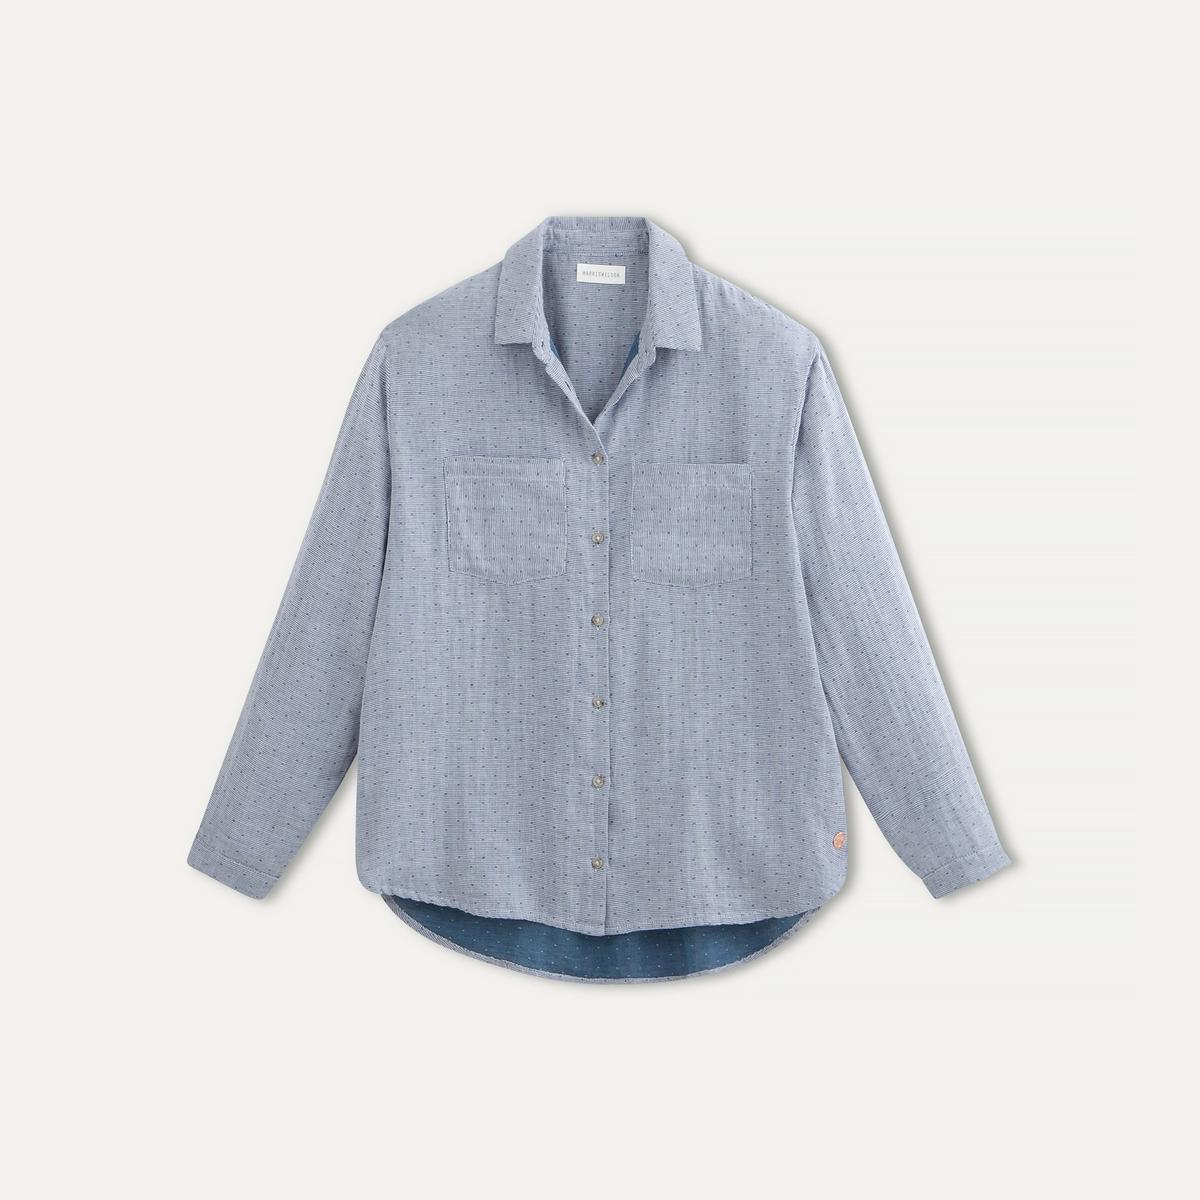 Рубашка в мелкий горошекСостав и описание    Материал : 100% хлопок   Марка : HARRIS WILSON<br><br>Цвет: синий<br>Размер: S.L